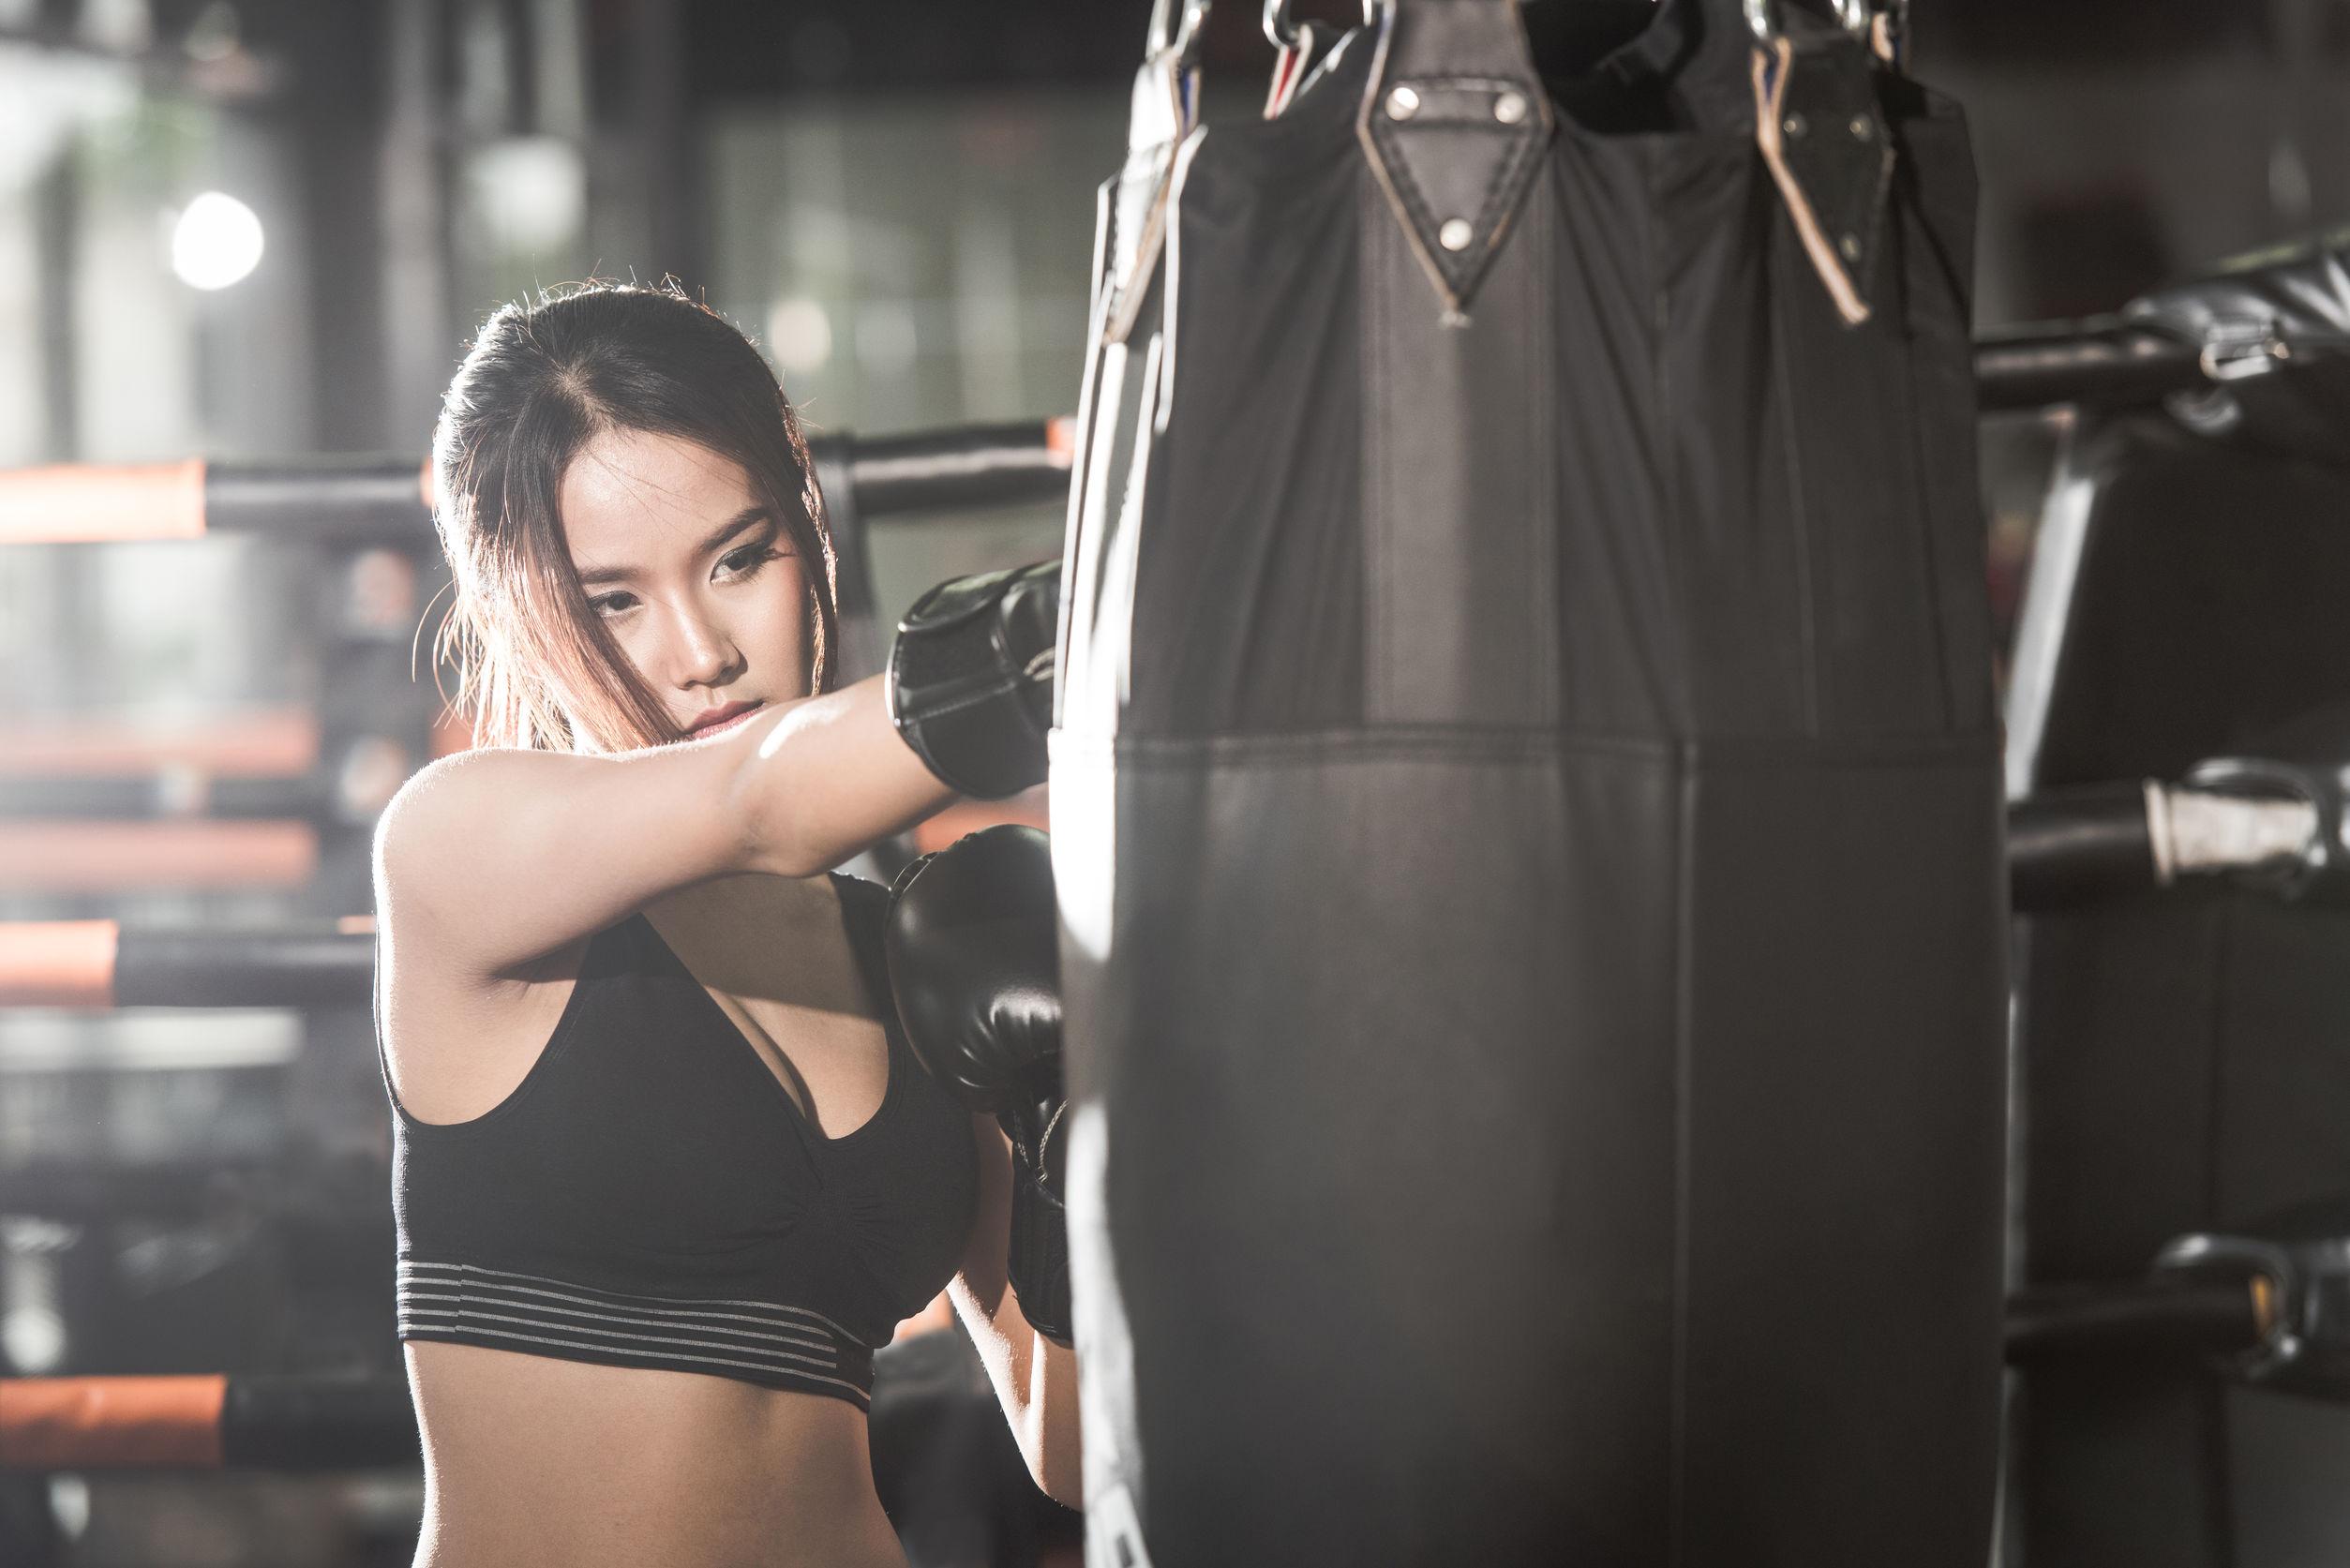 Linda mulher socando um saco com luvas de boxe na academia